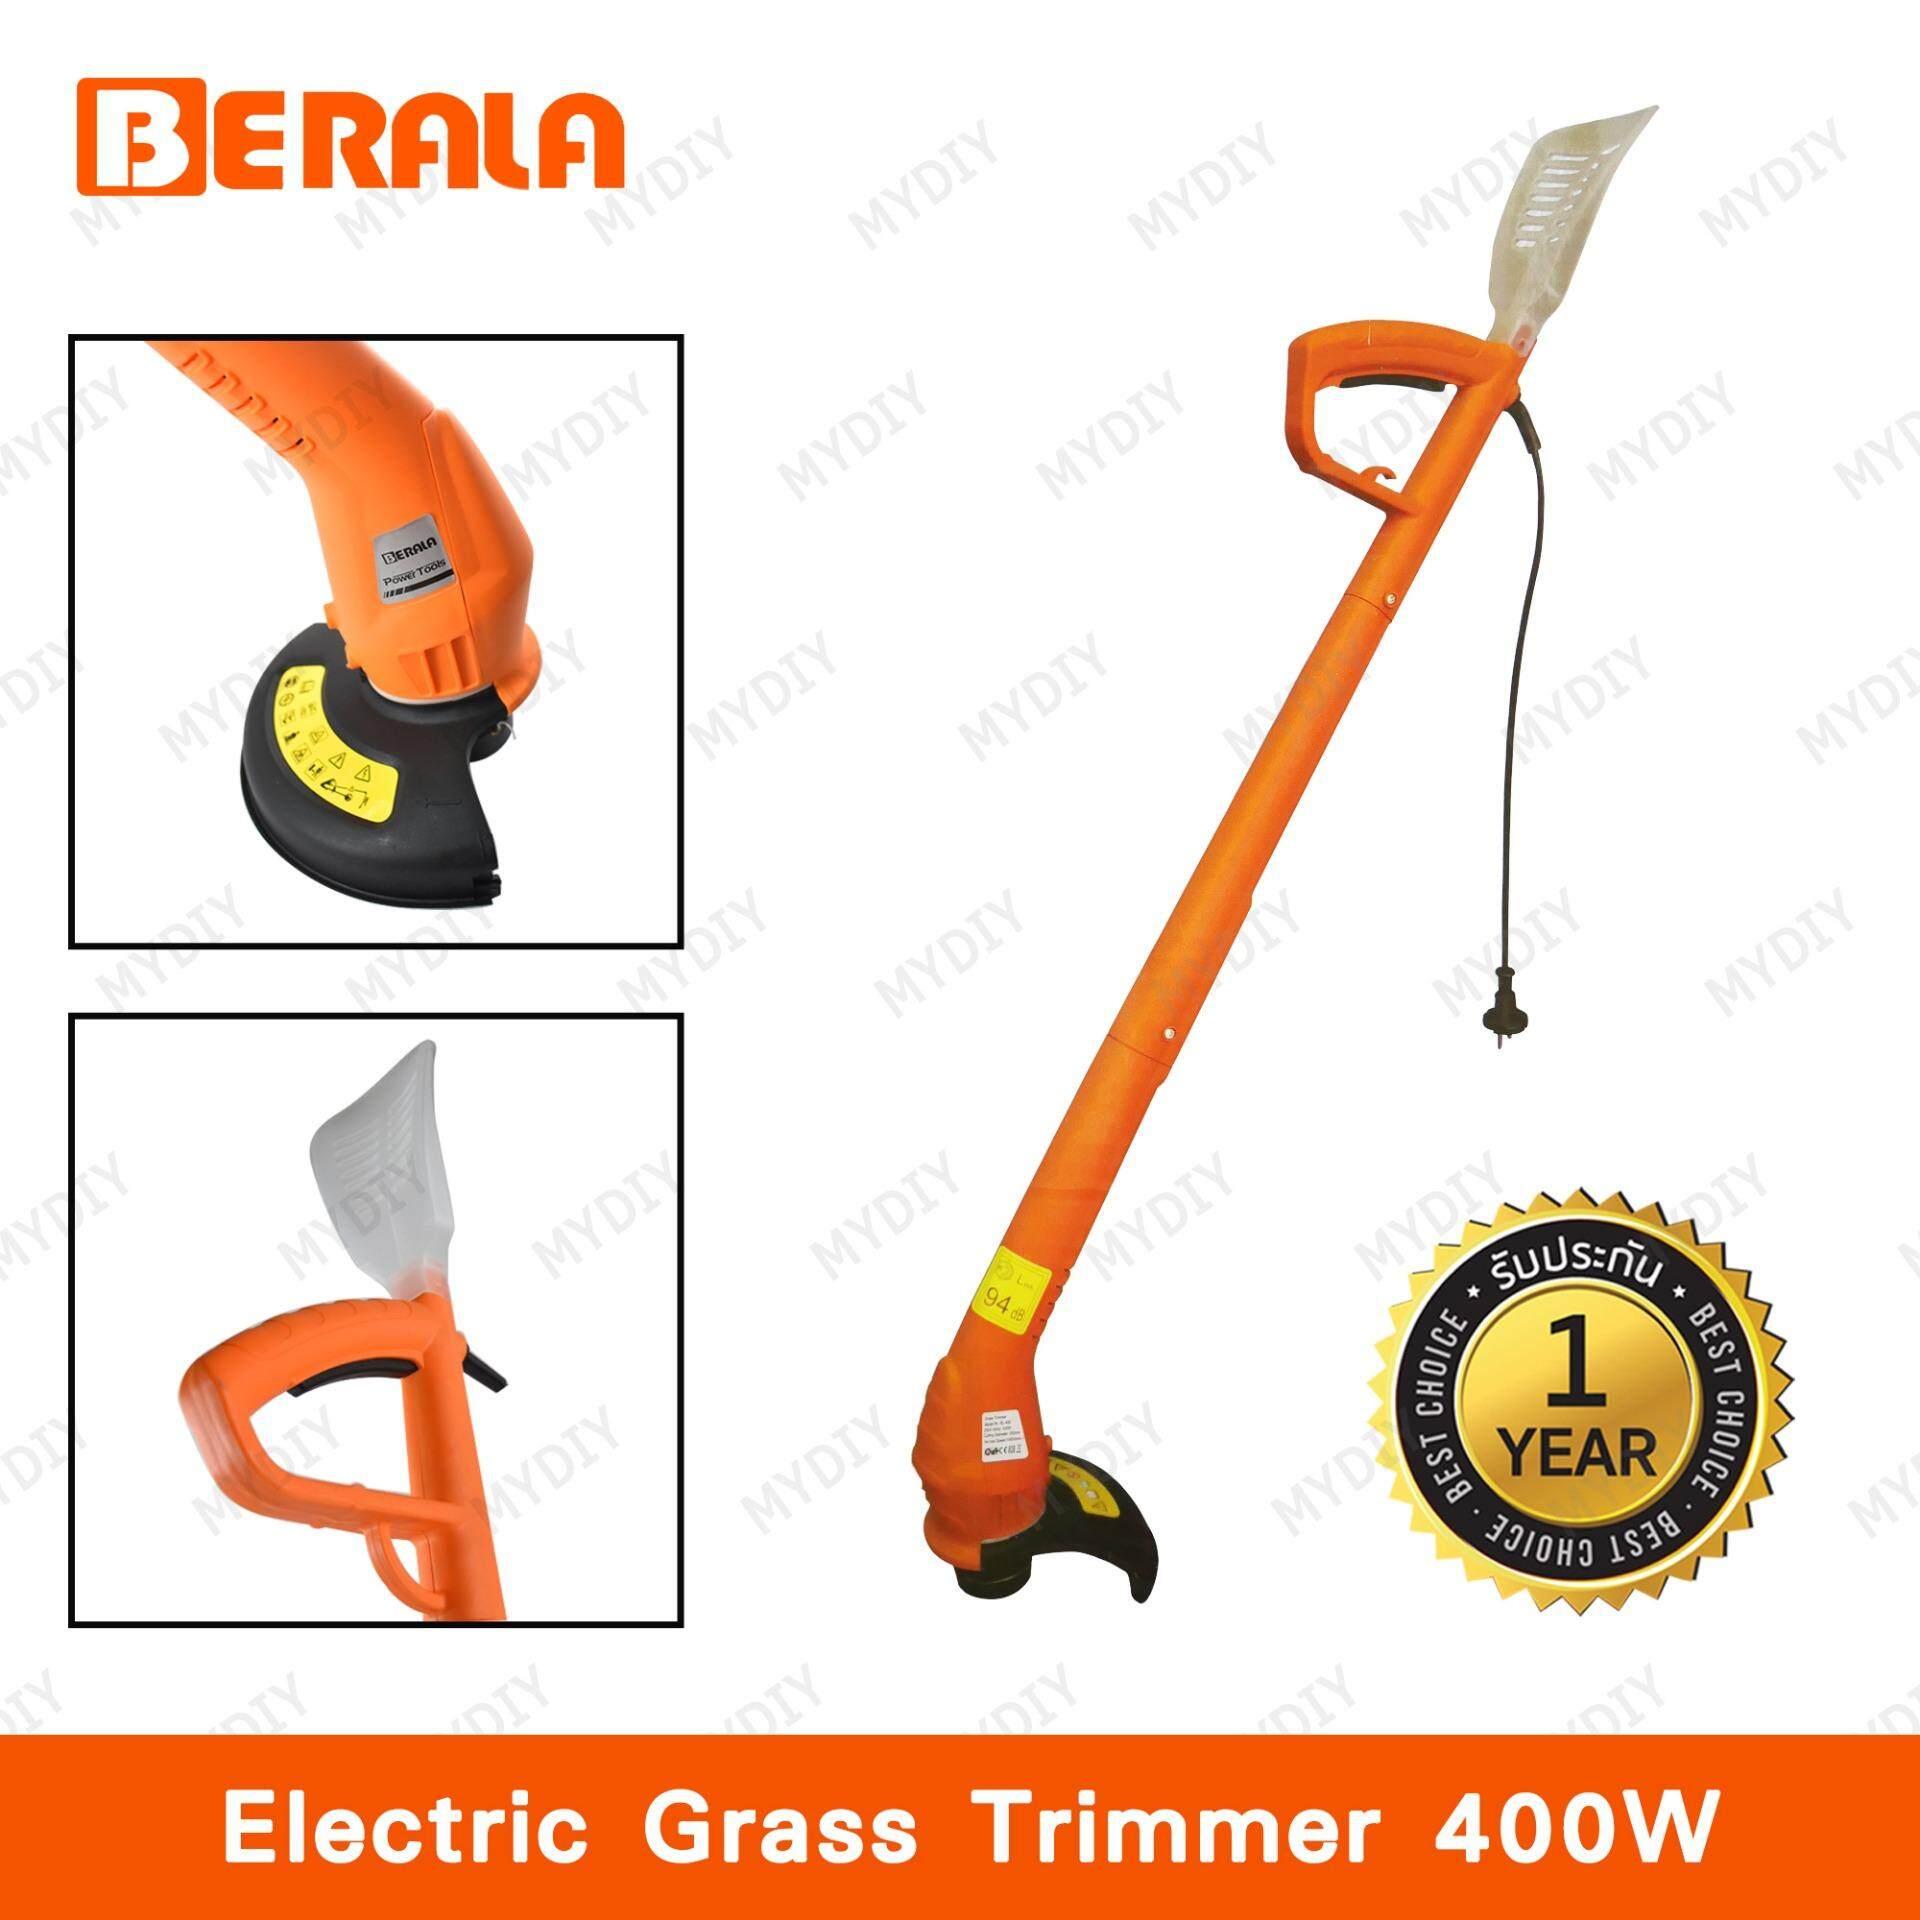 ซื้อ Berala เครื่องตัดหญ้า 400 วัตต์ รุ่น Bl 400 สีส้ม ตัดหญ้า Berala ถูก